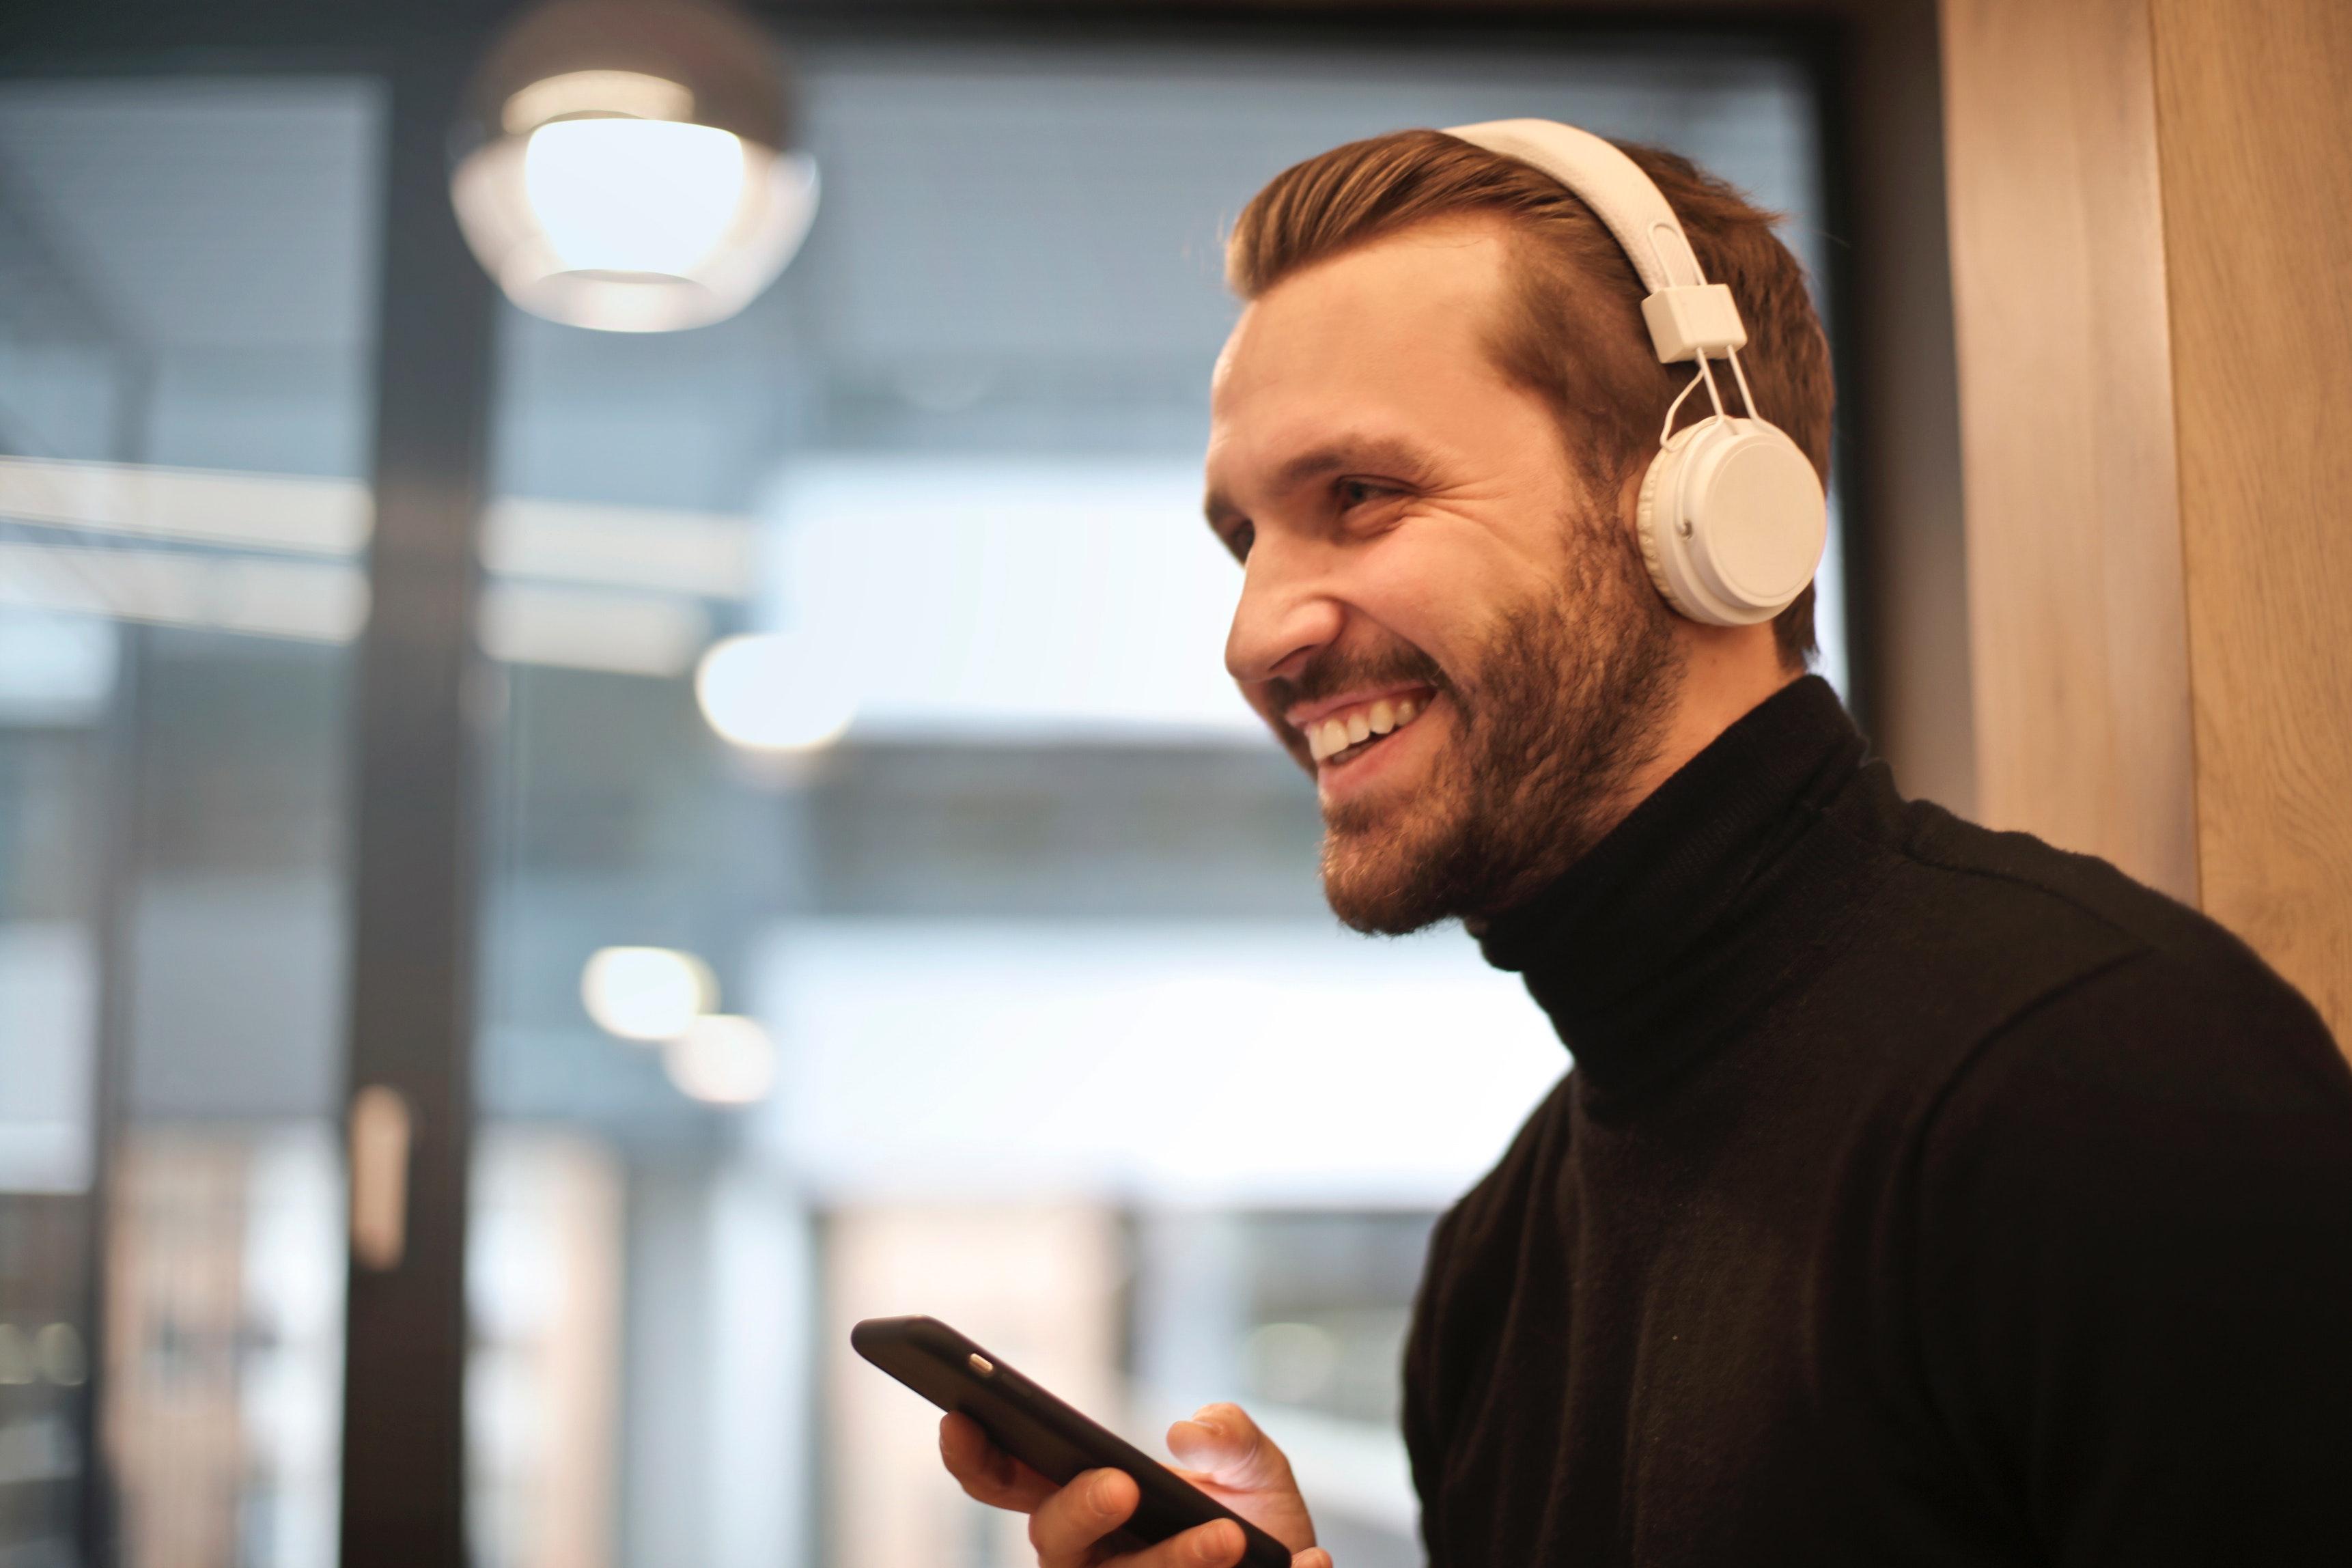 Man wearing white headphones listening to music photo